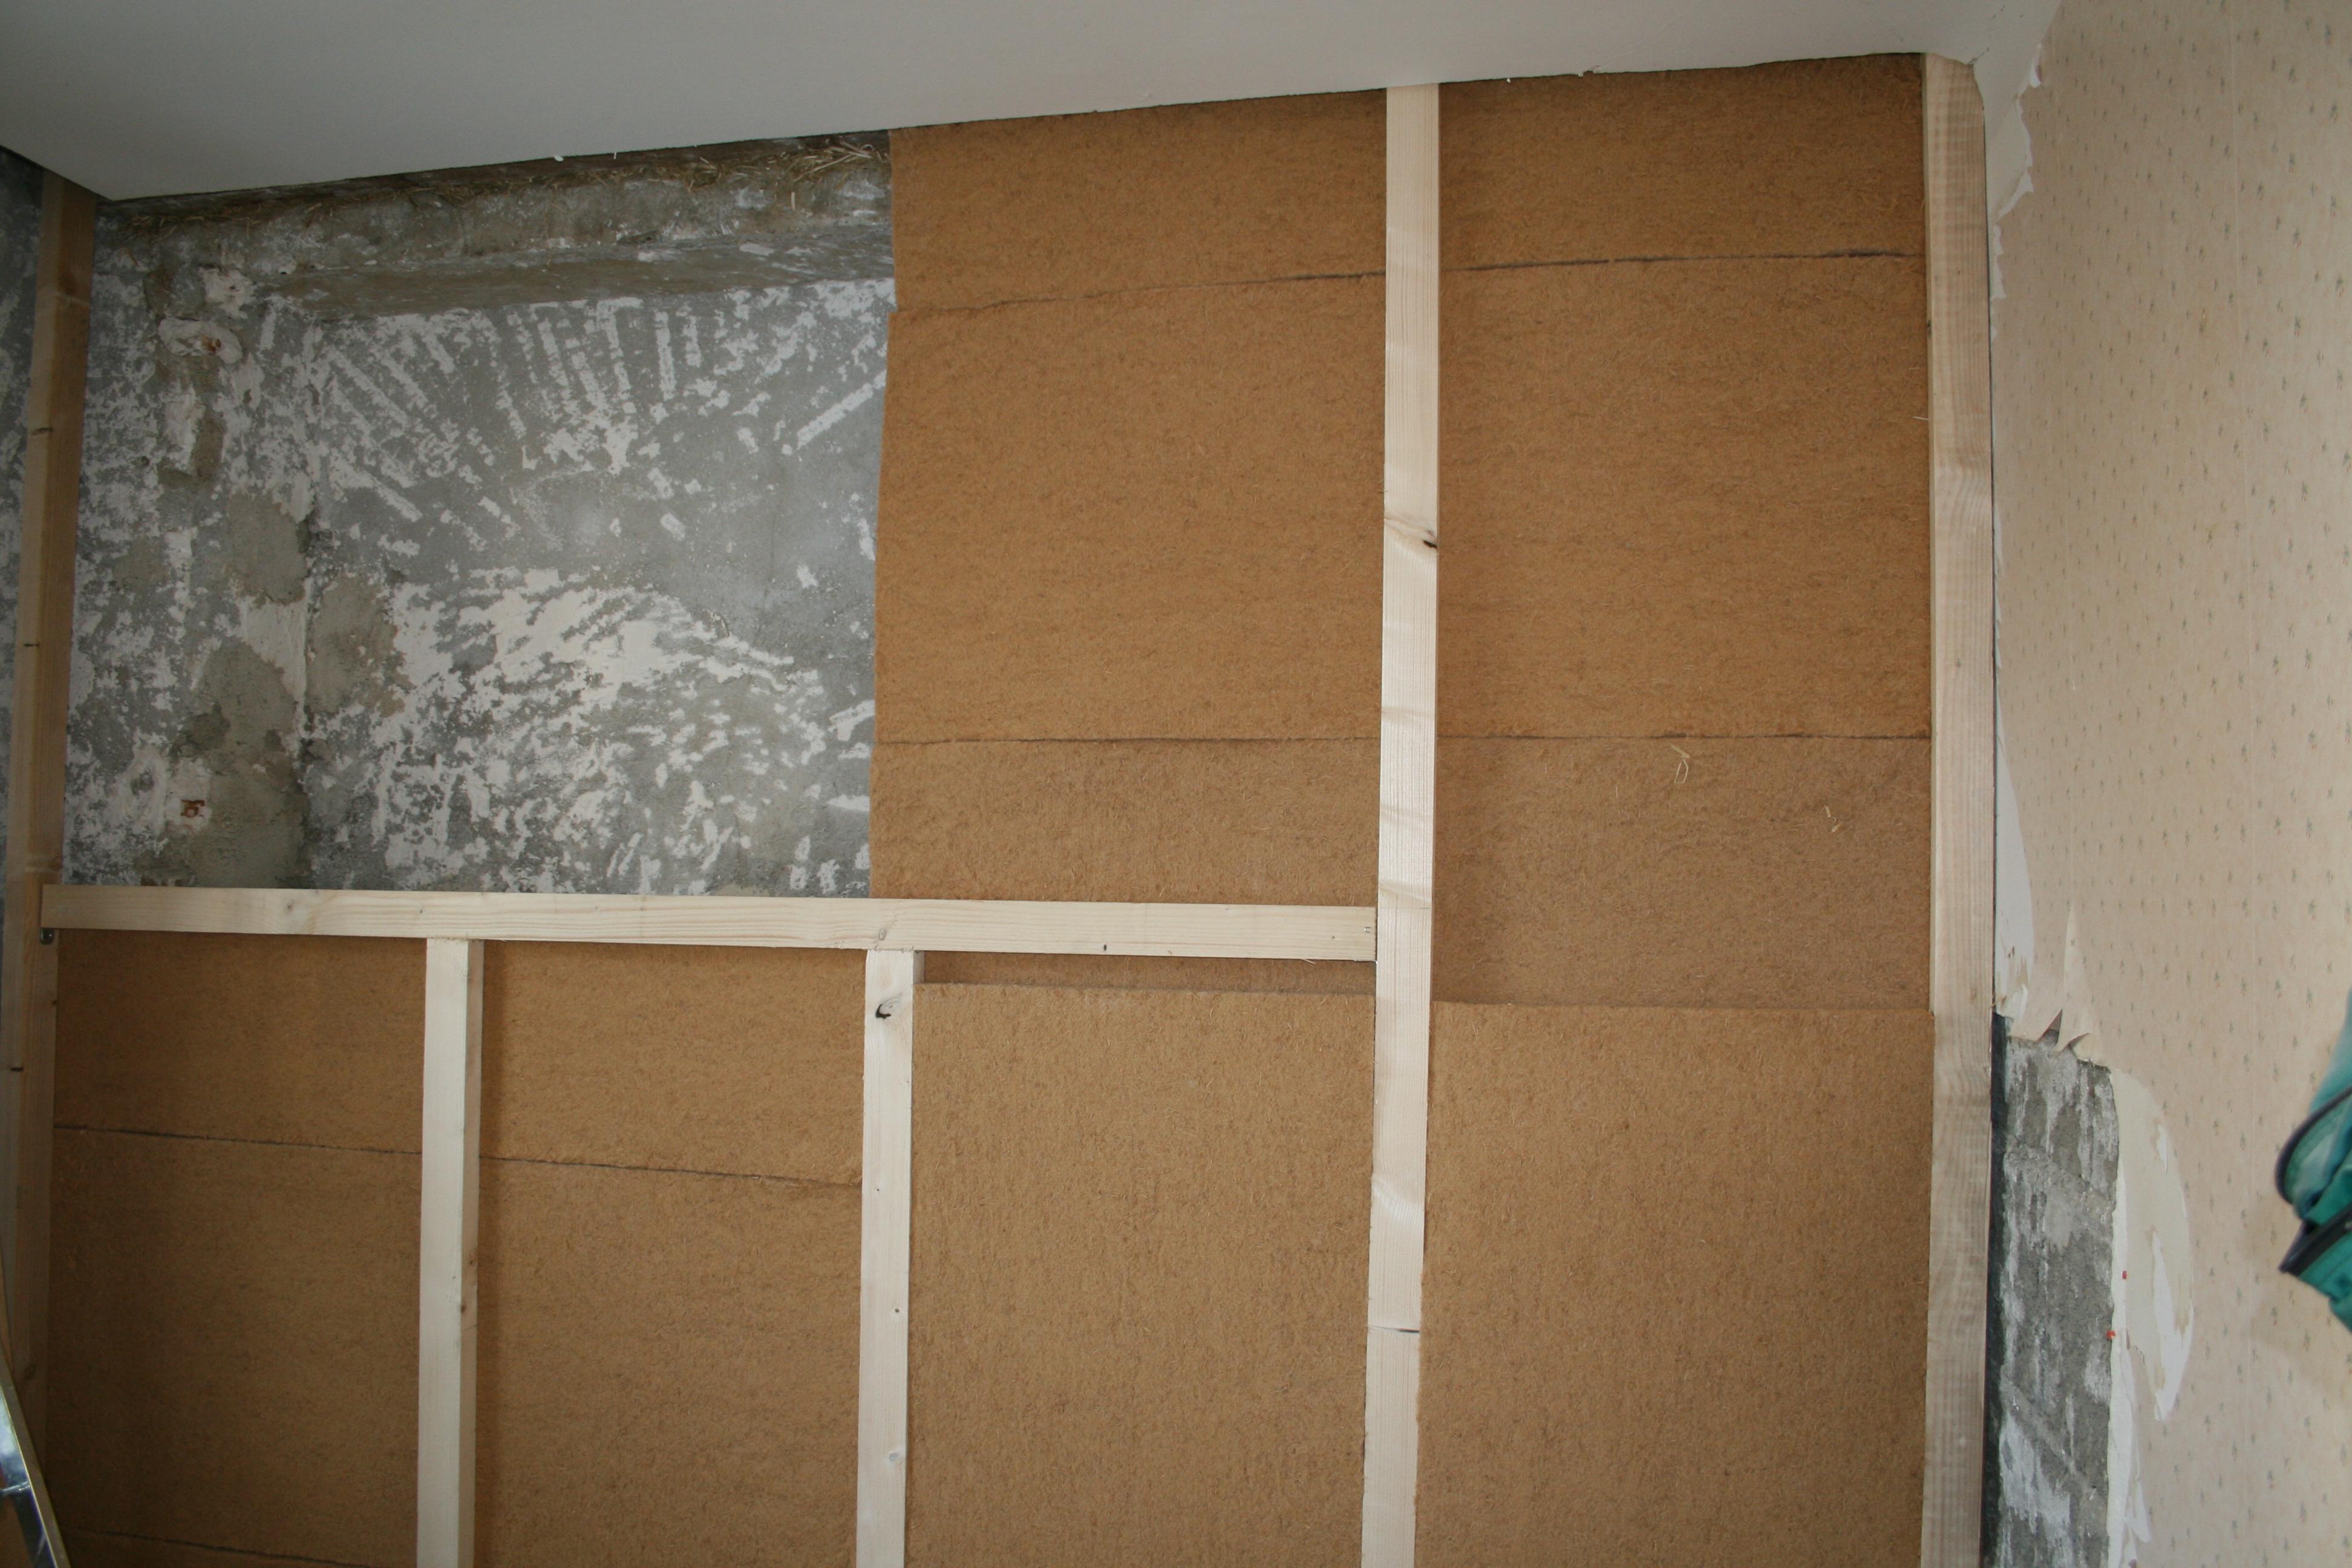 isolation interieure une mise en uvre vitant les ponts thermiques tinatur mat riaux. Black Bedroom Furniture Sets. Home Design Ideas